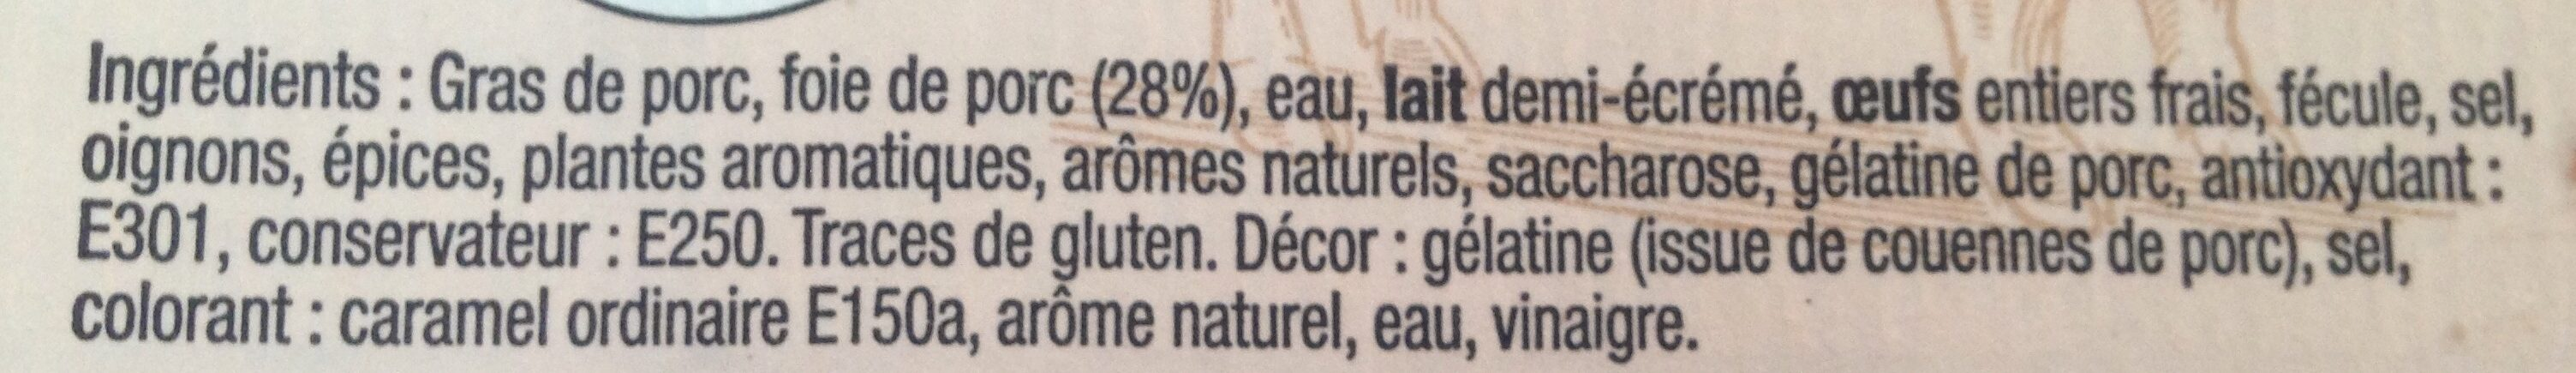 Mousse de foie superieure - Ingrediënten - fr